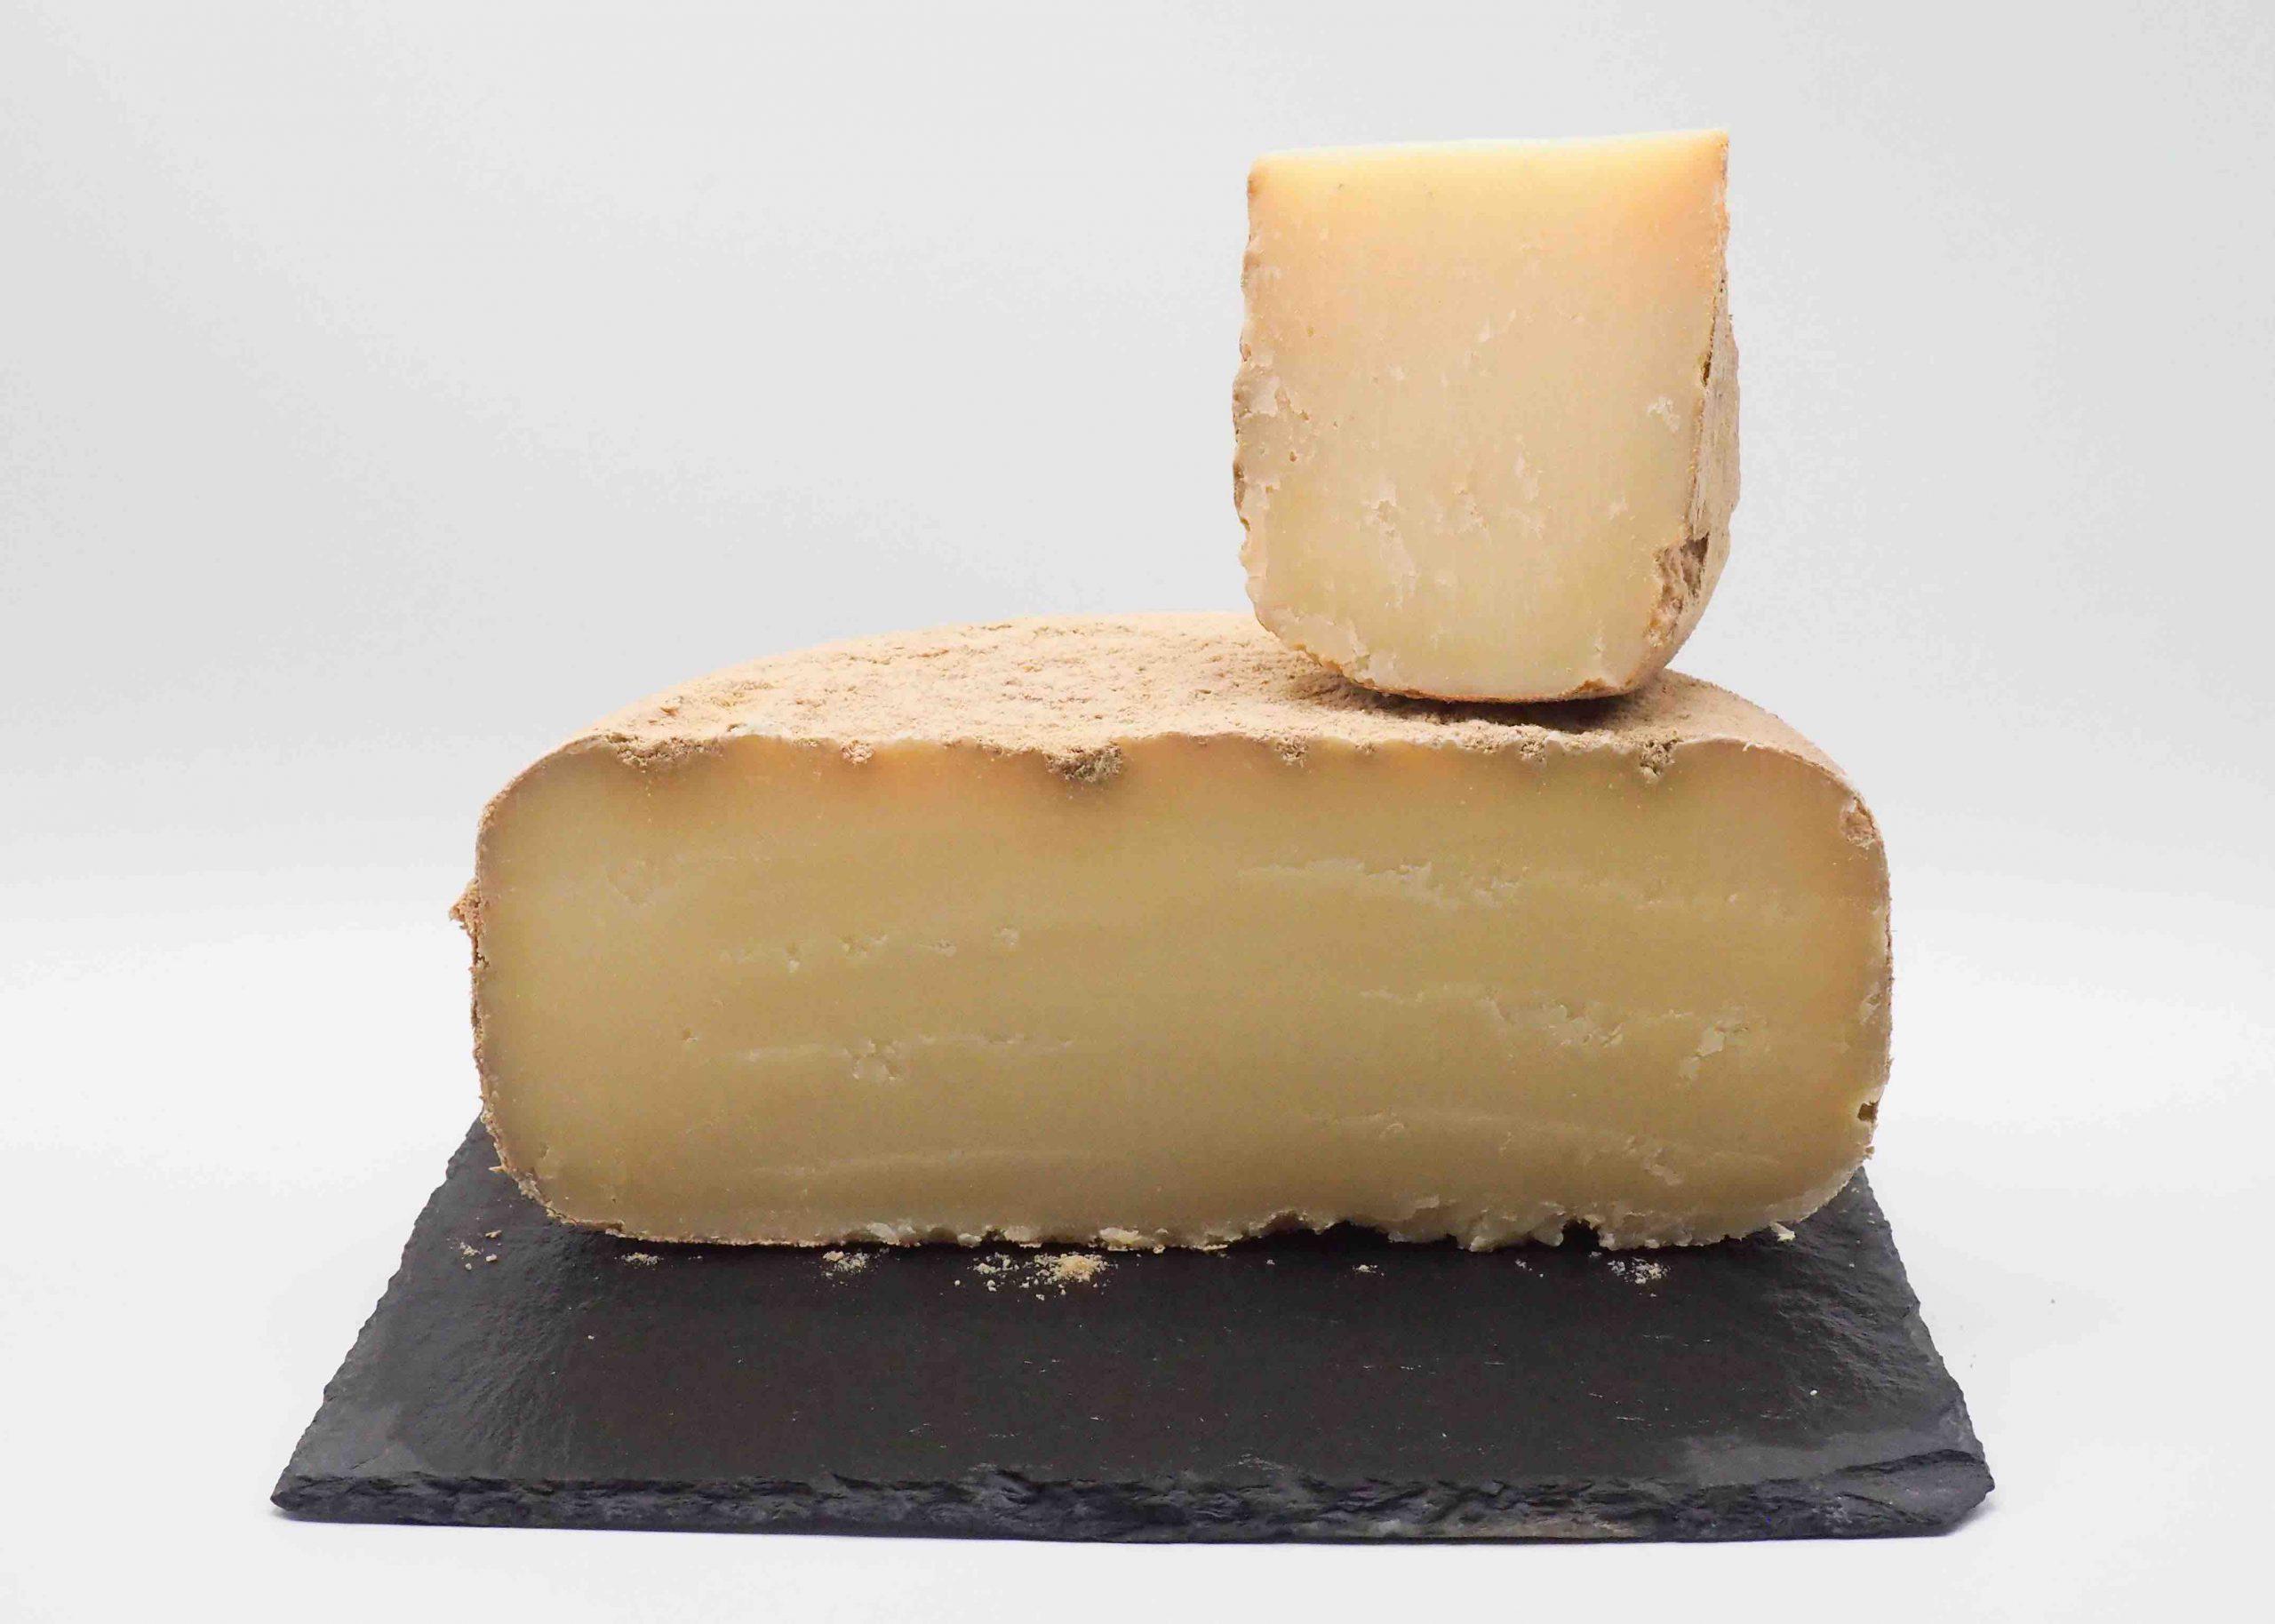 le vieux Napoléon est un fromage typique des Pyrénées alliant finesse et richesse au palais. Vente en ligne